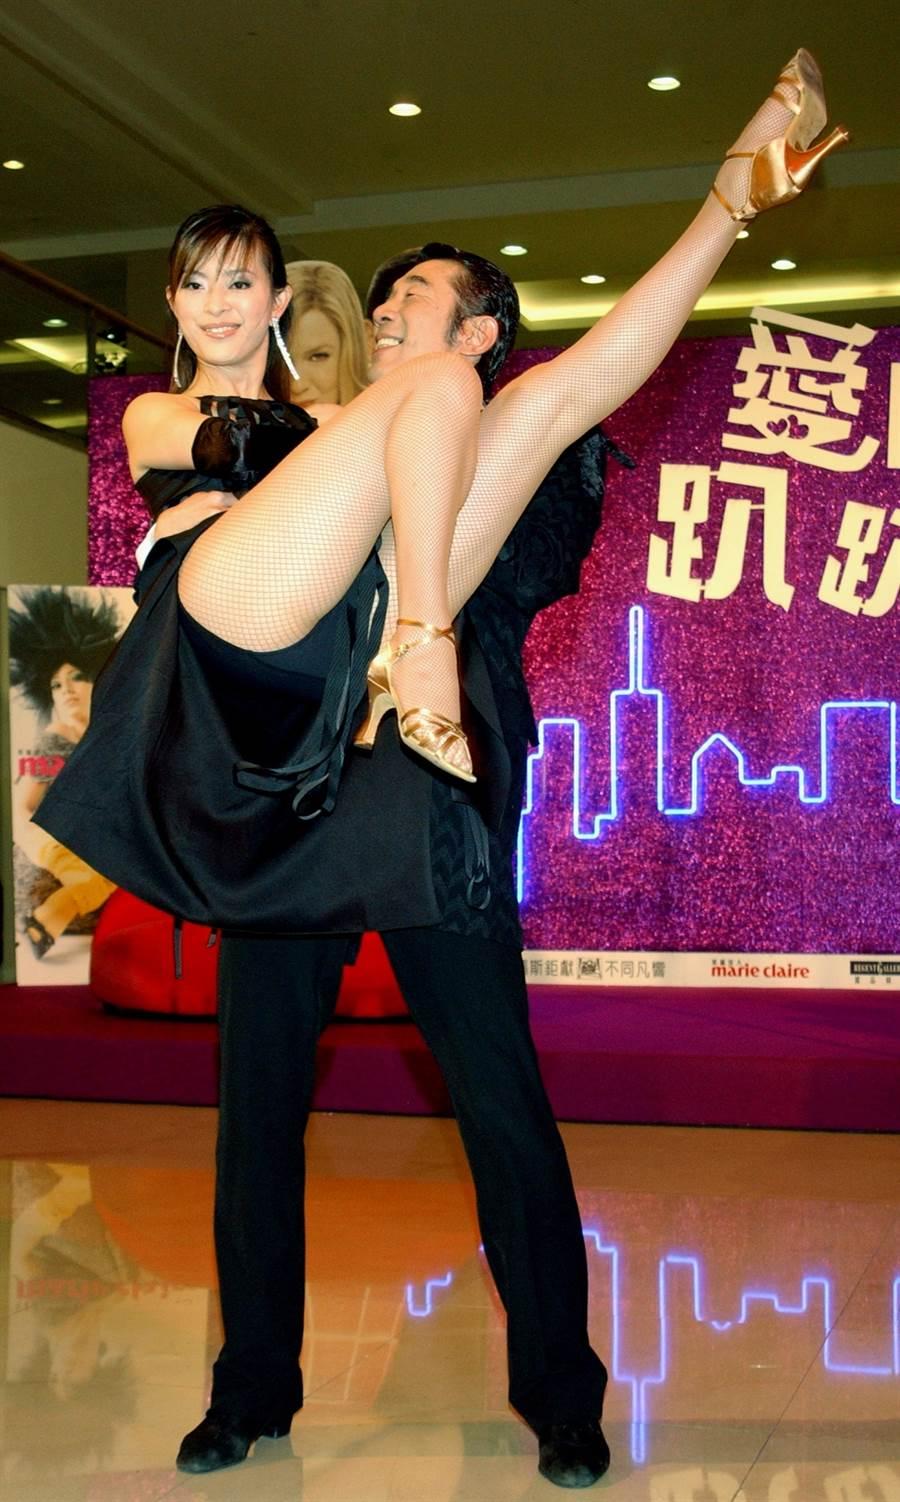 2003年劉真出席電影《愛情趴趴走》首映大曬美腿。(圖/中時資料照片)